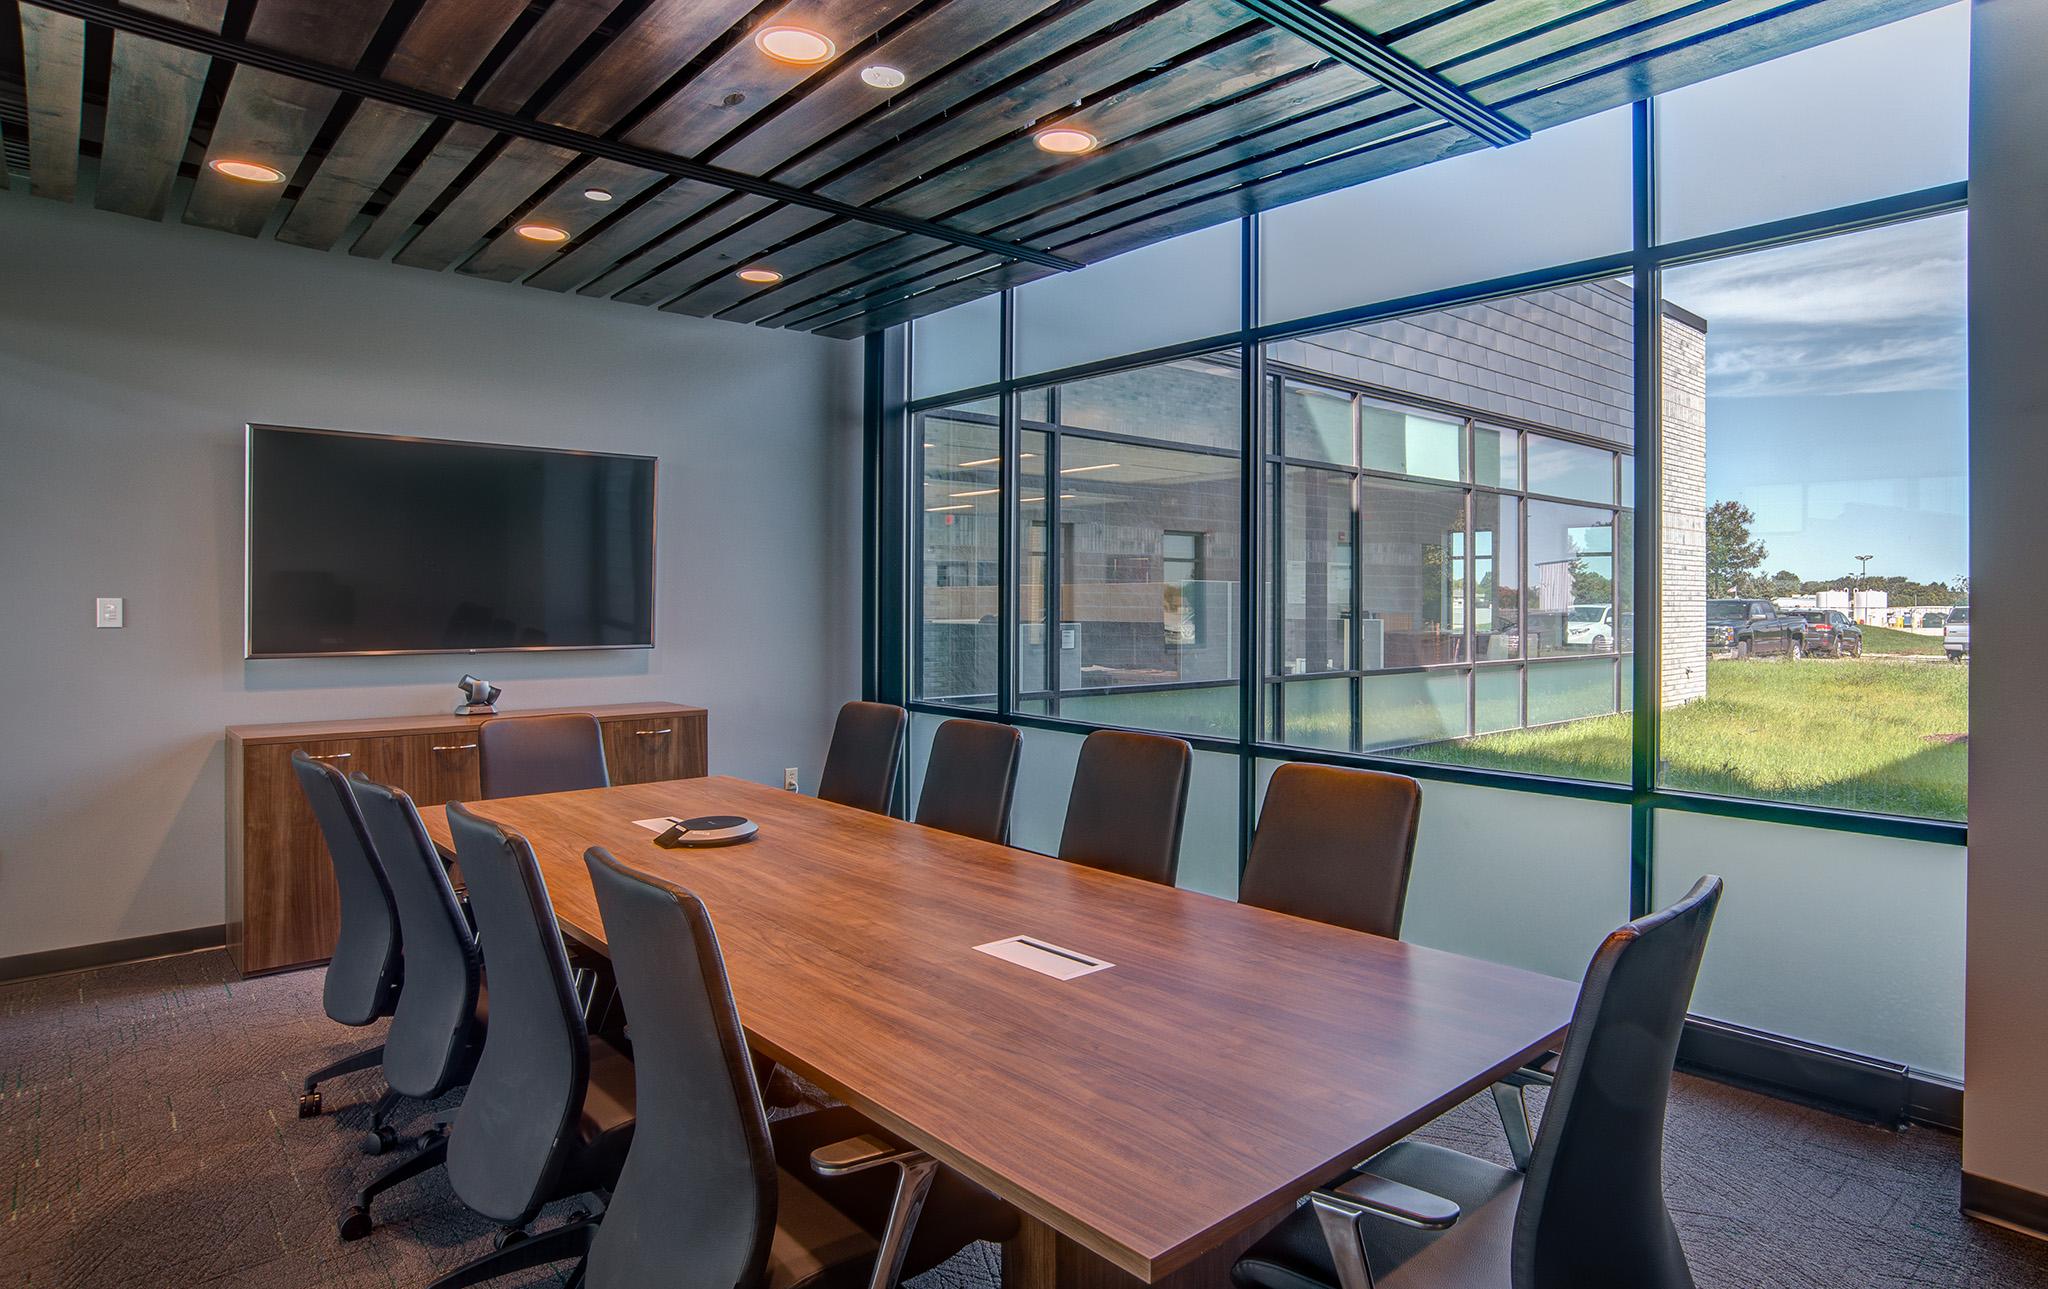 7_Payne & Dolan Office Renovation